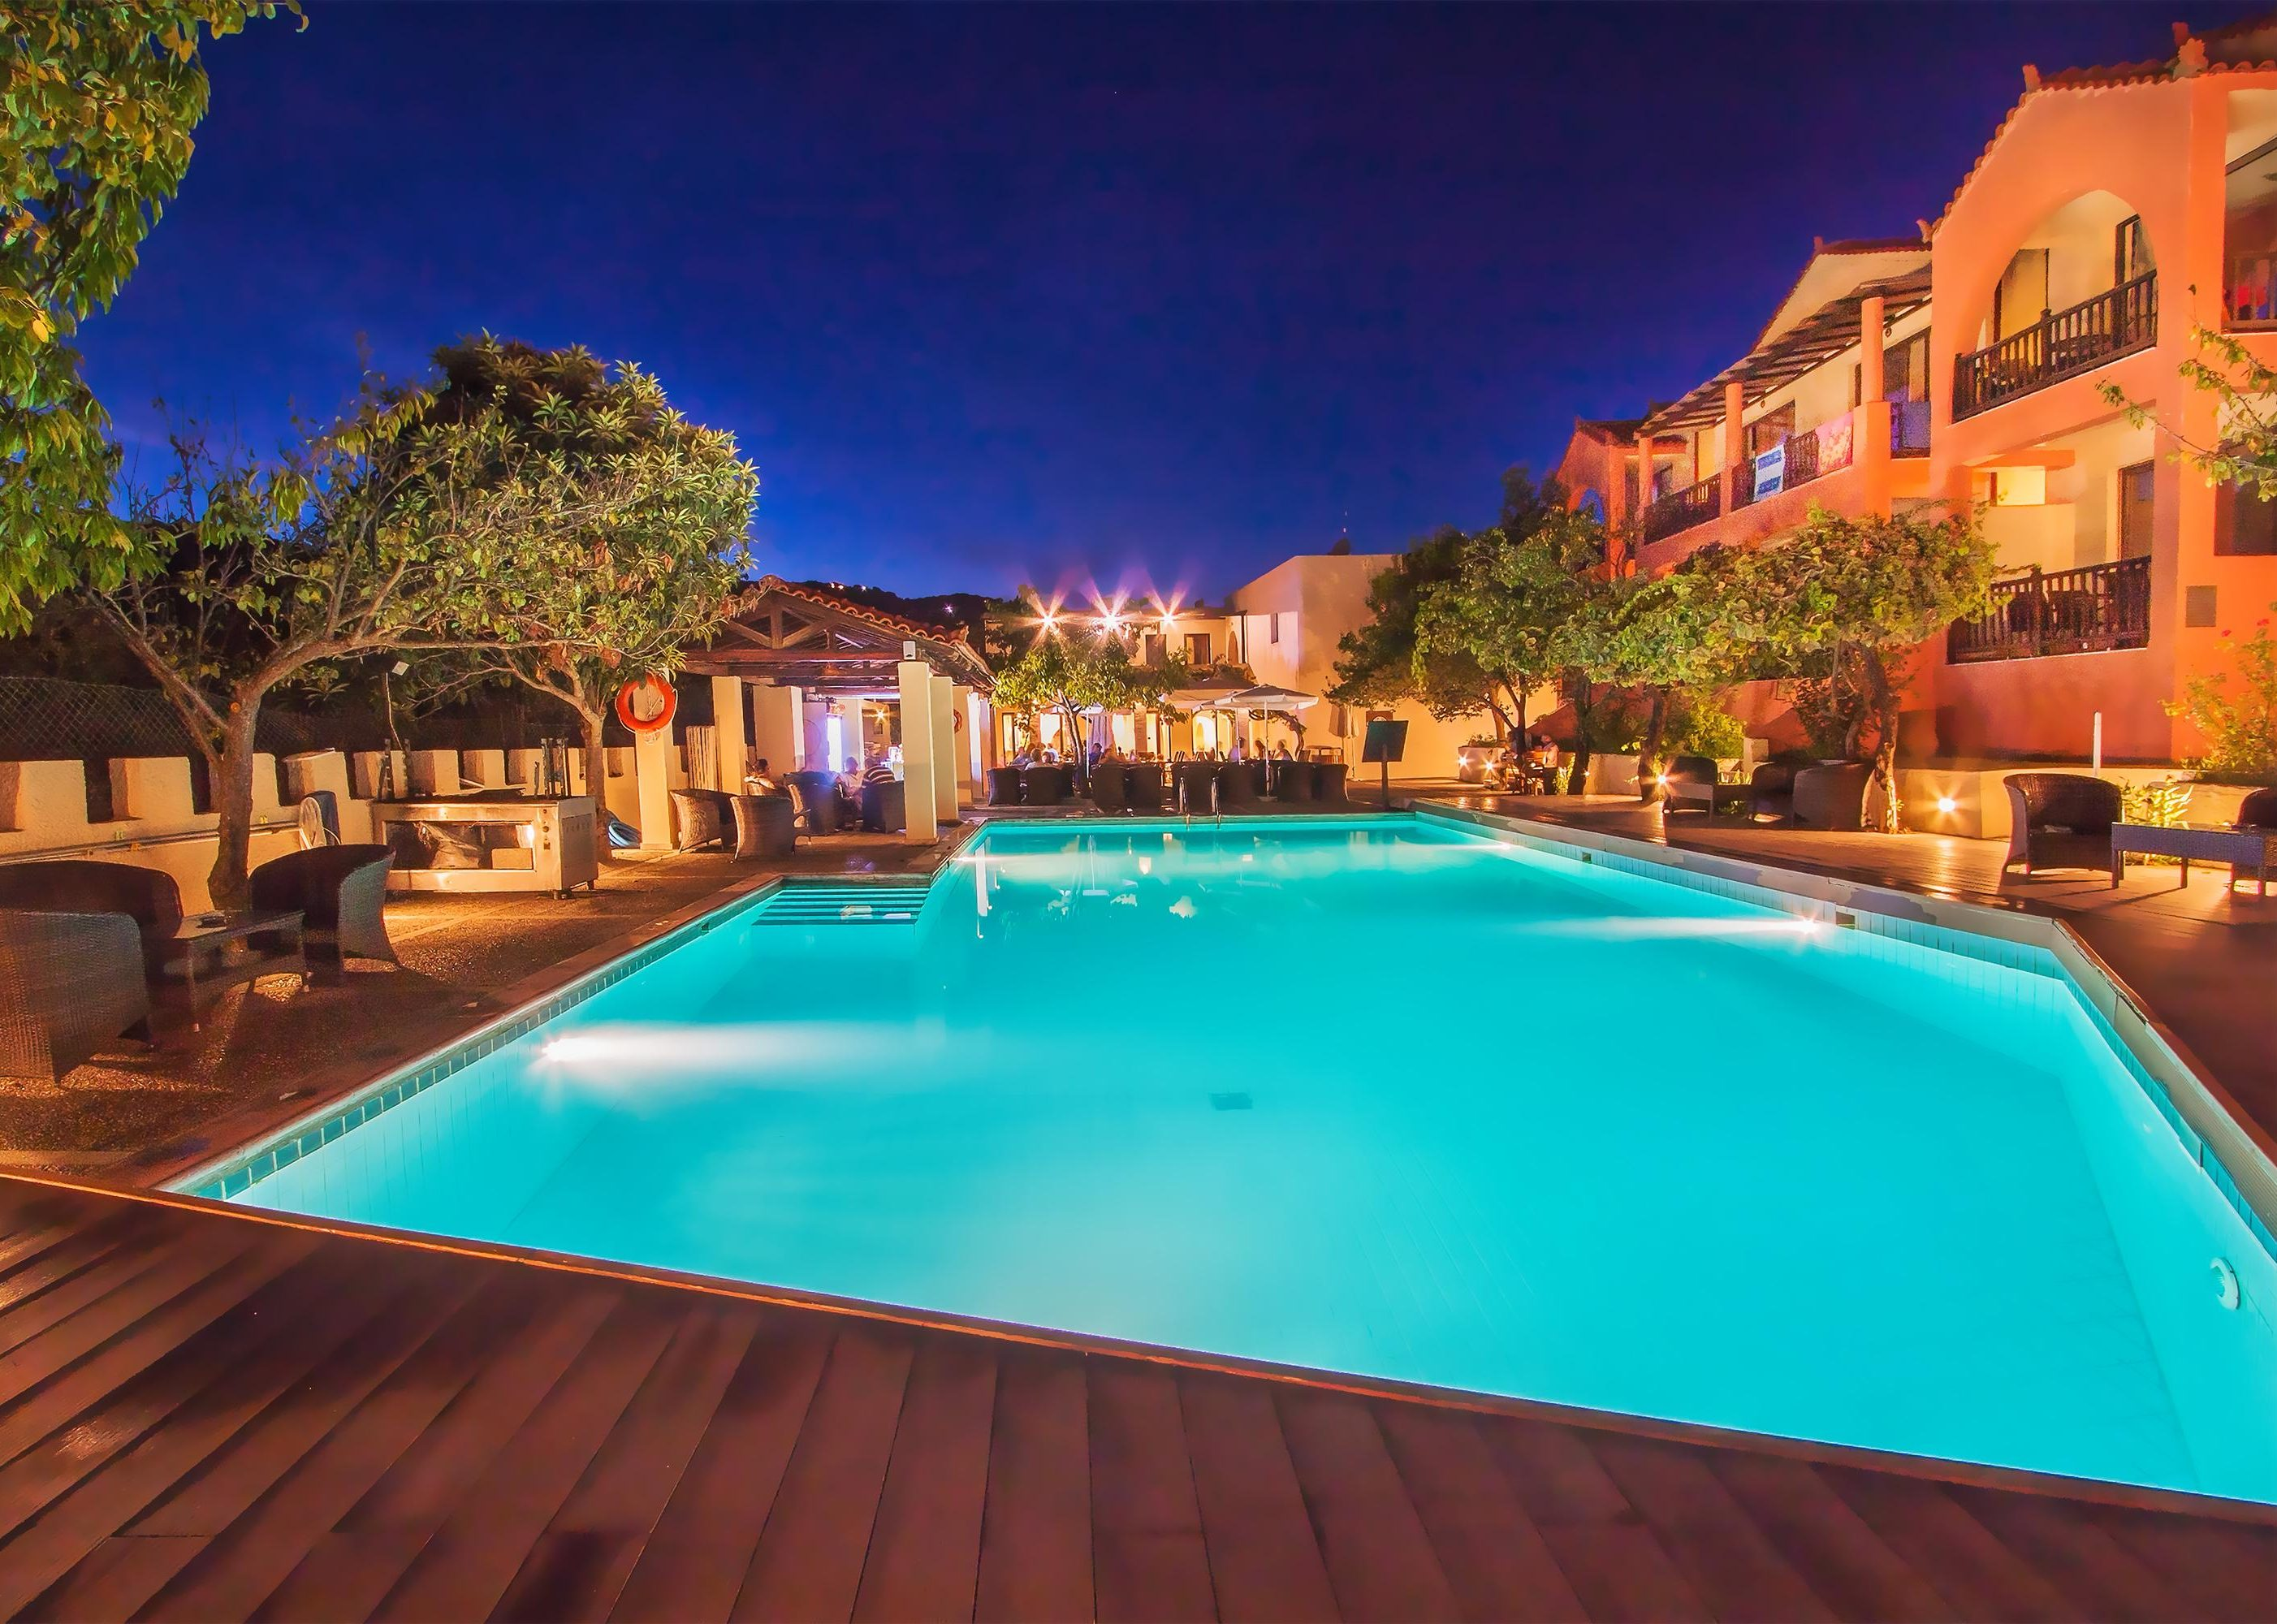 Rigas Hotel in Skopelos with big pool night